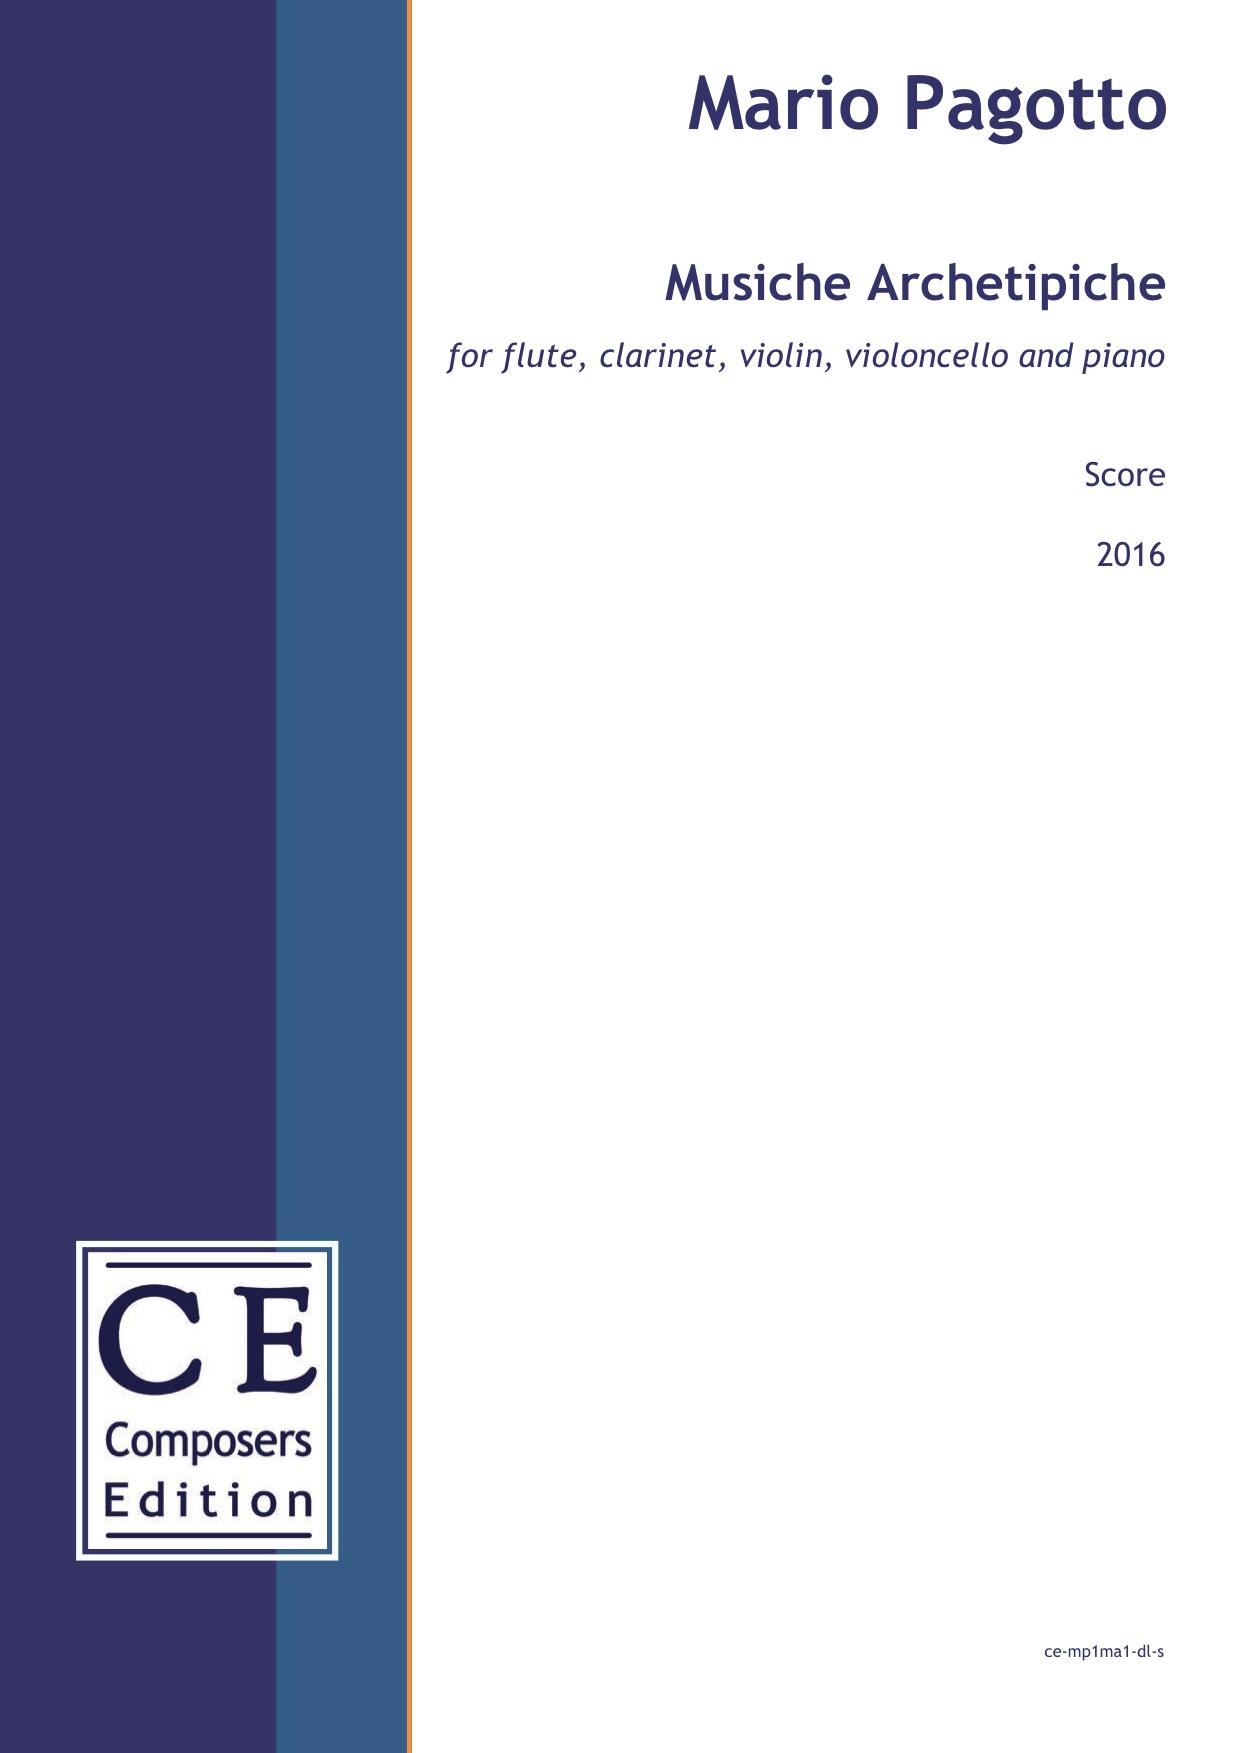 Mario Pagotto: Musiche Archetipiche for flute, clarinet, violin, violoncello and piano